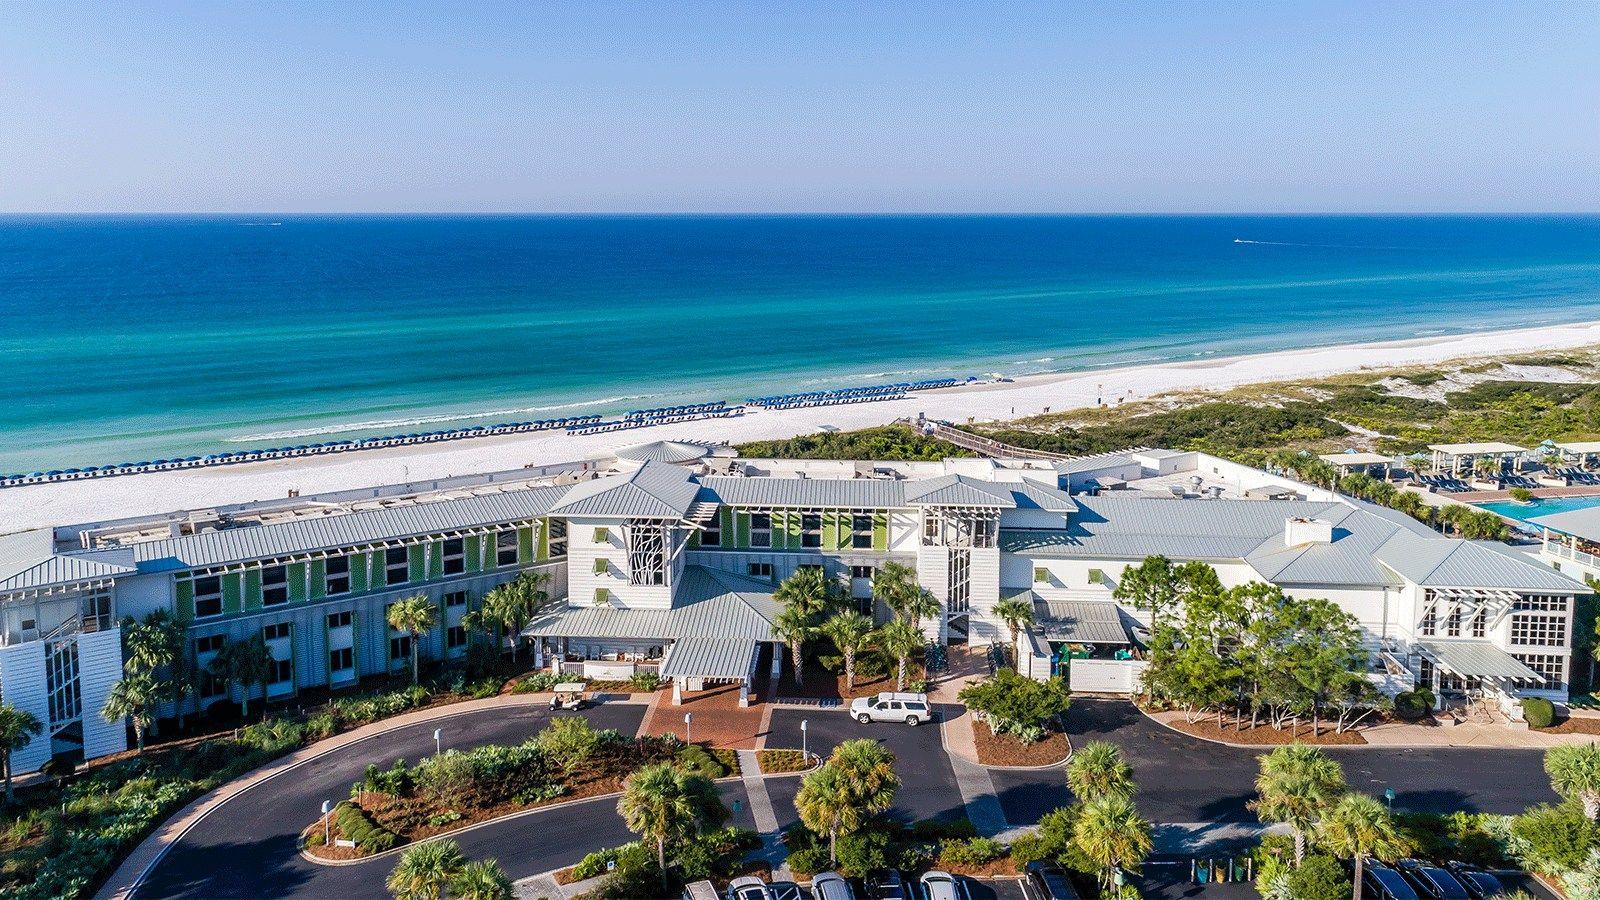 Florida Gulf Coast Resorts Watercolor Inn Resort 30a In 2020 Watercolor Inn And Resort Florida Panhandle Vacation Florida Resorts